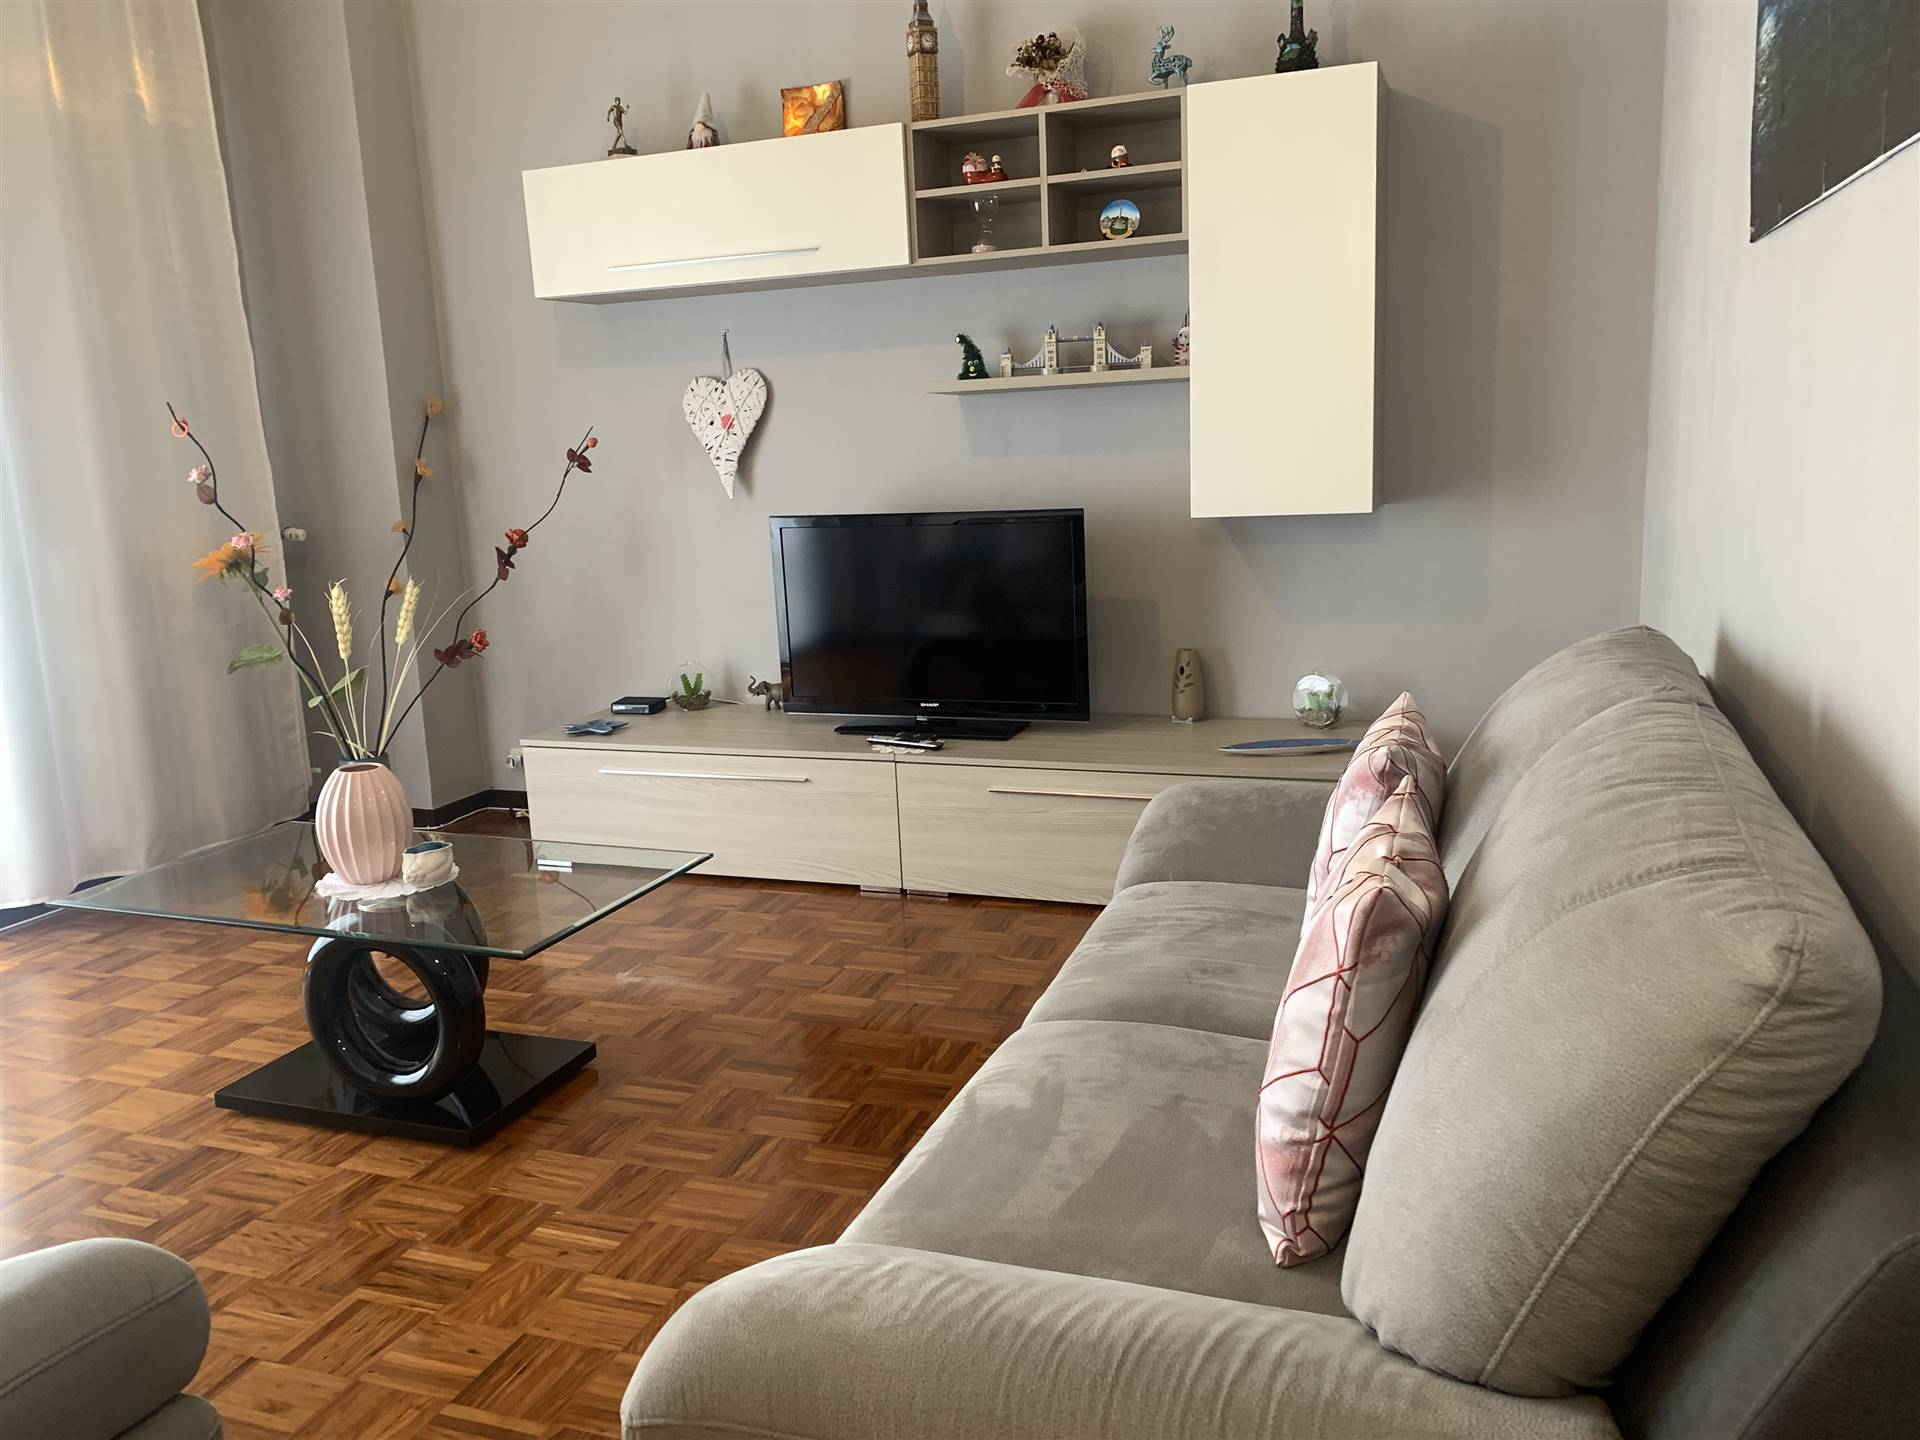 Appartamento in vendita a Novi Ligure, 5 locali, zona Località: VIA VERDI, CASERME, prezzo € 73.000 | PortaleAgenzieImmobiliari.it